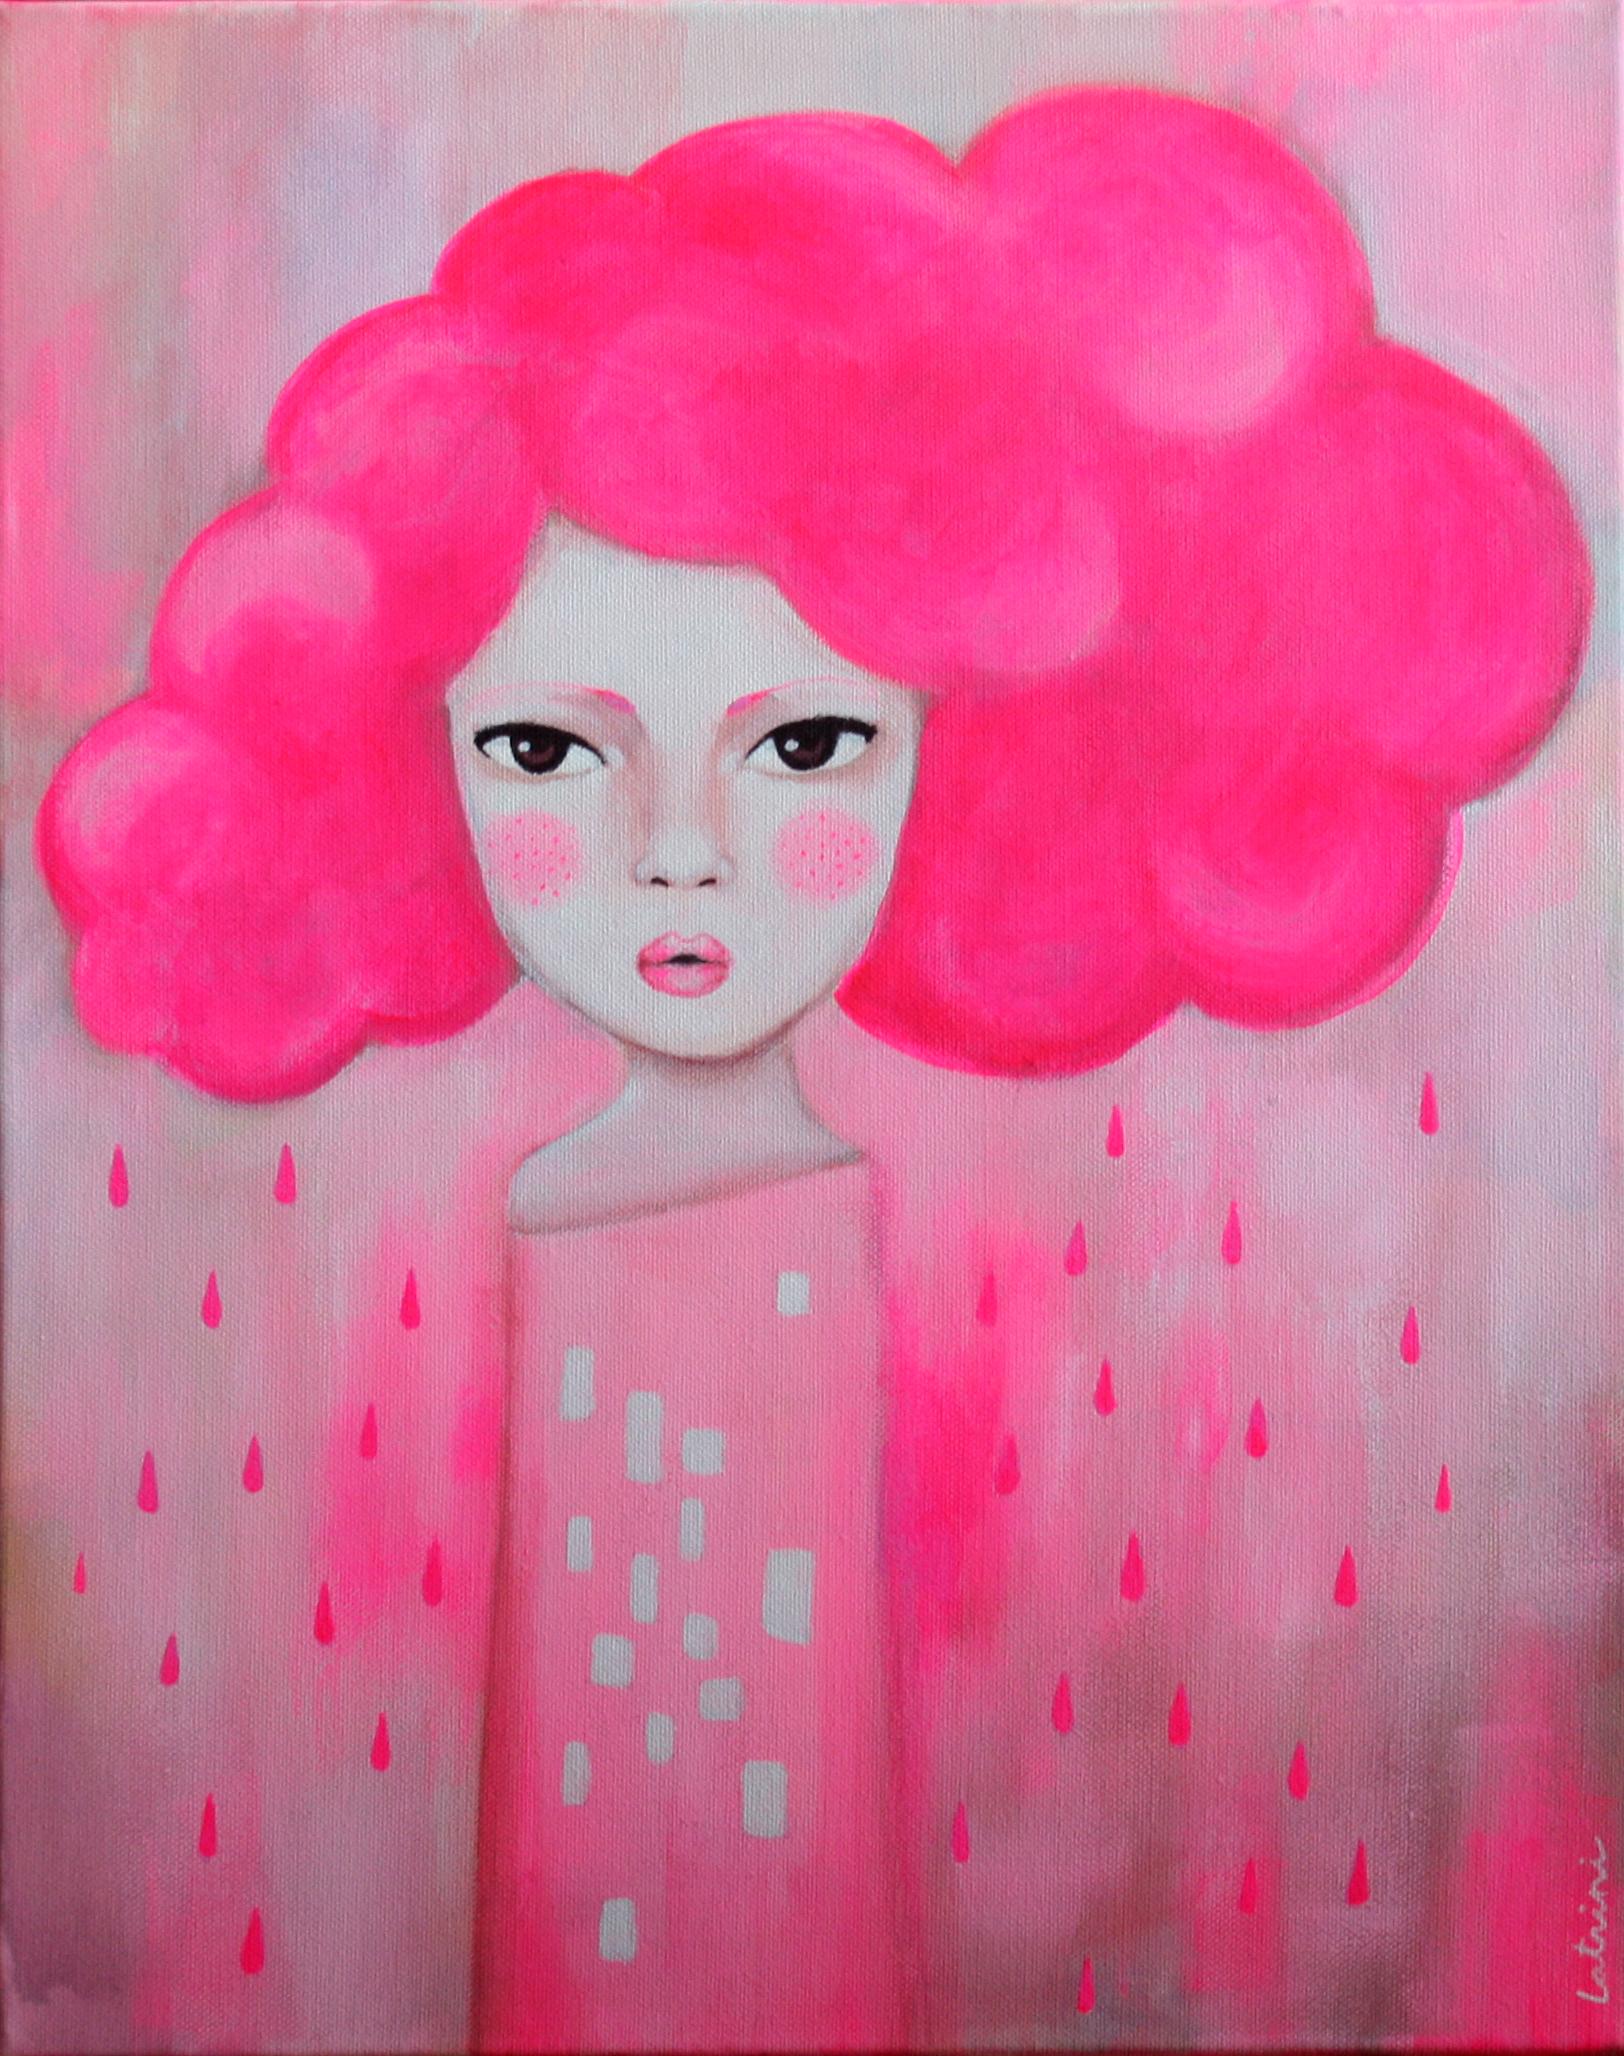 La nube rosa